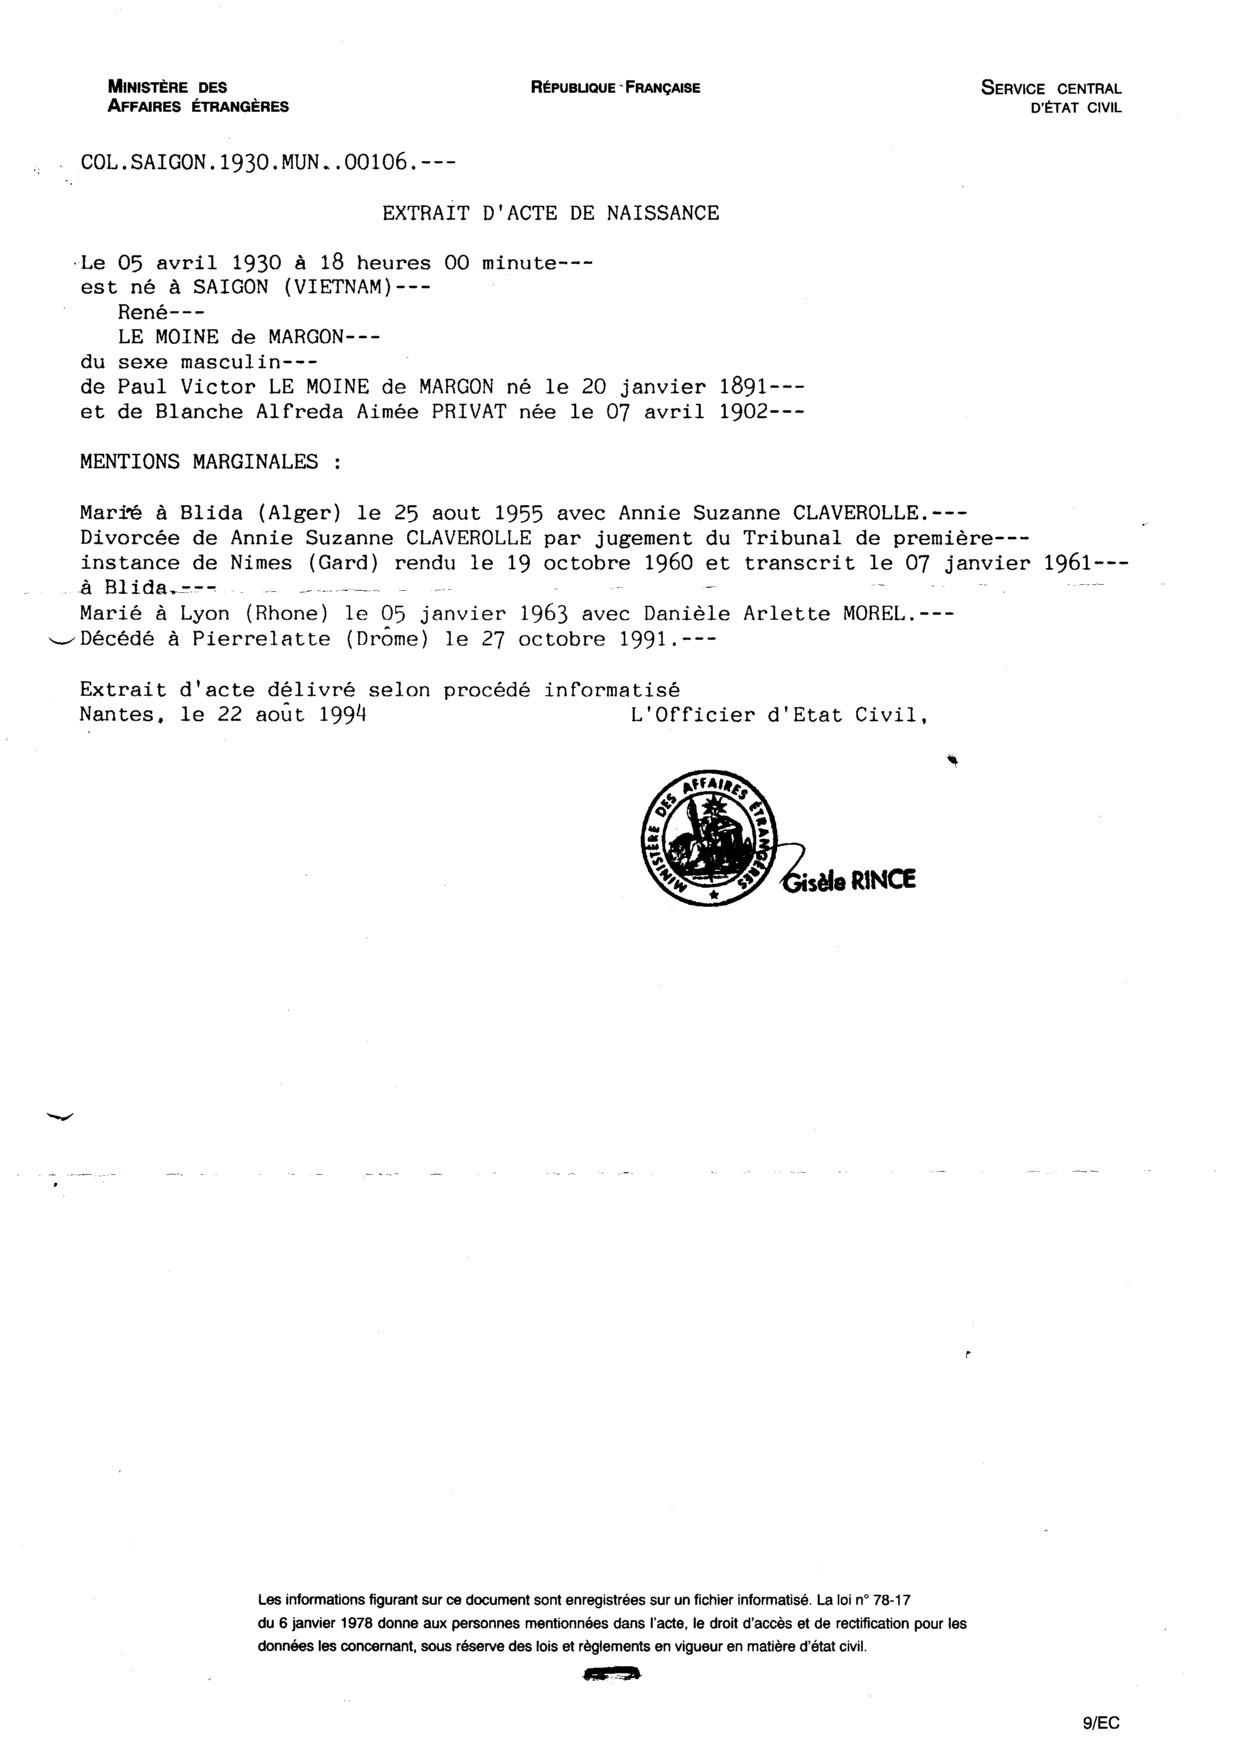 paul pouse ensuite le 27 juillet 1922 nimes blanche alfreda aimee privat dite juliette voir. Black Bedroom Furniture Sets. Home Design Ideas